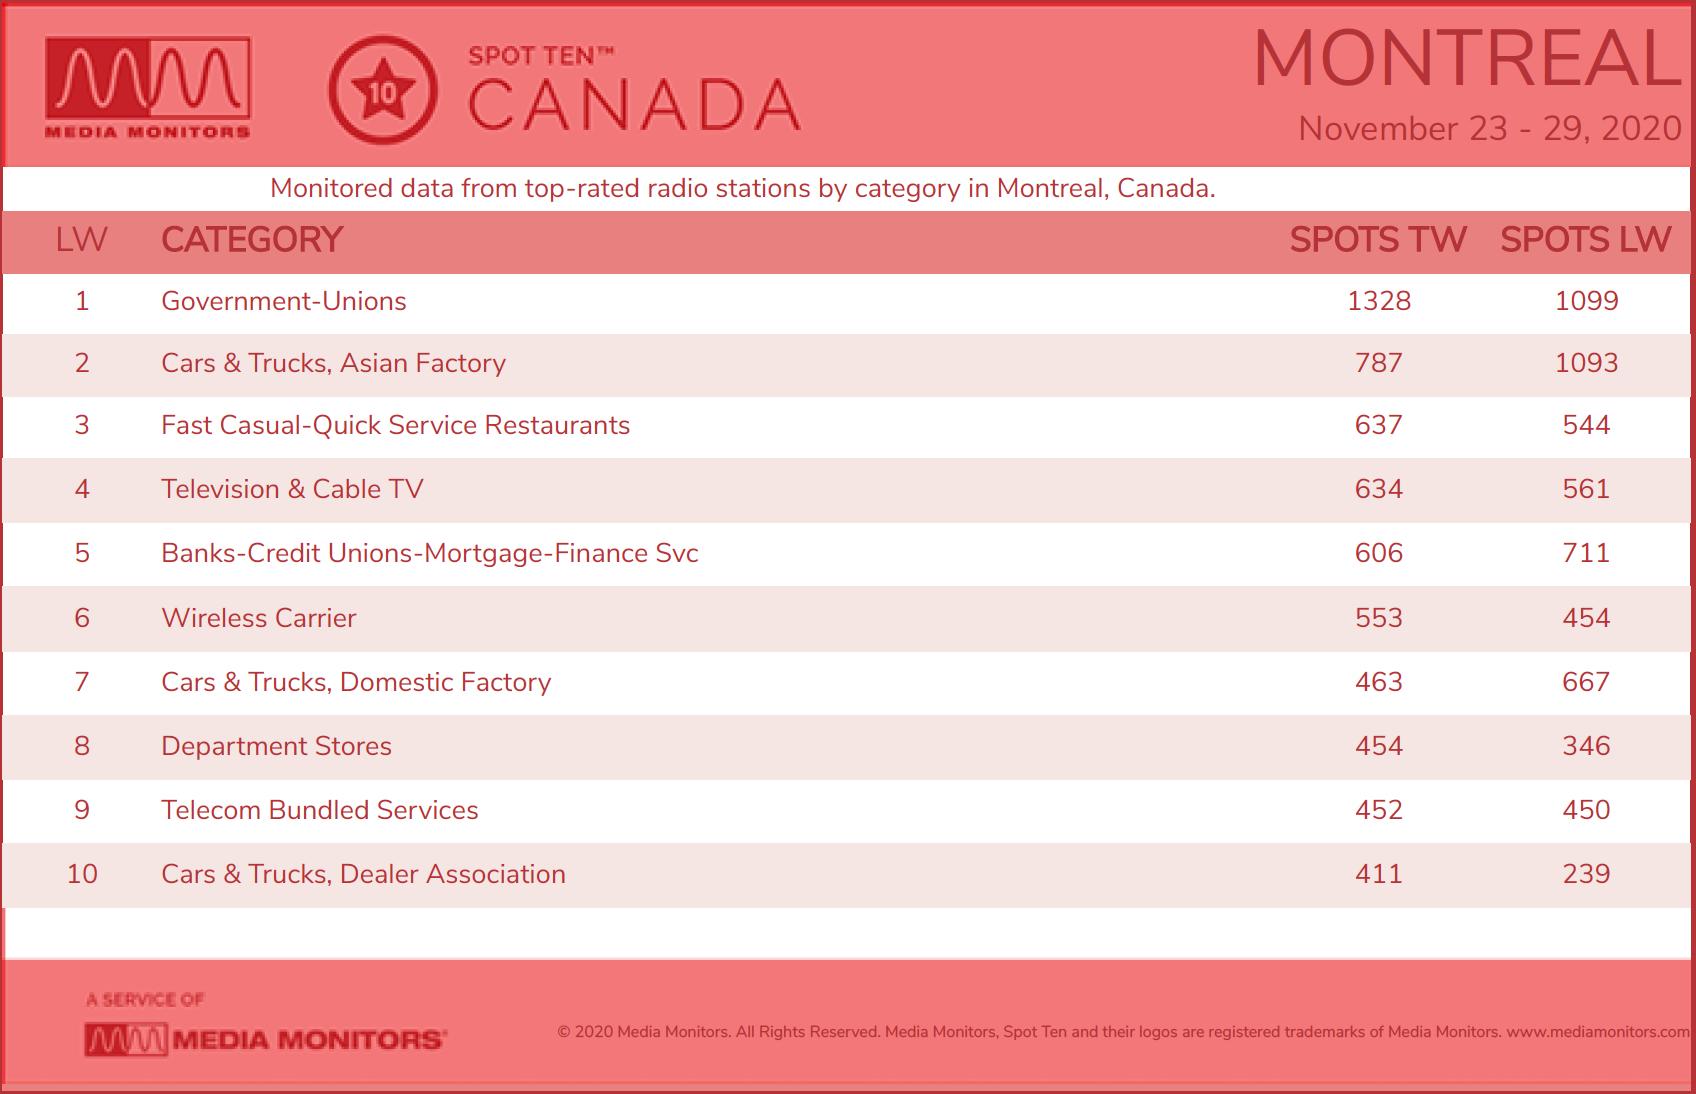 Montreal Category - Nov 23-29